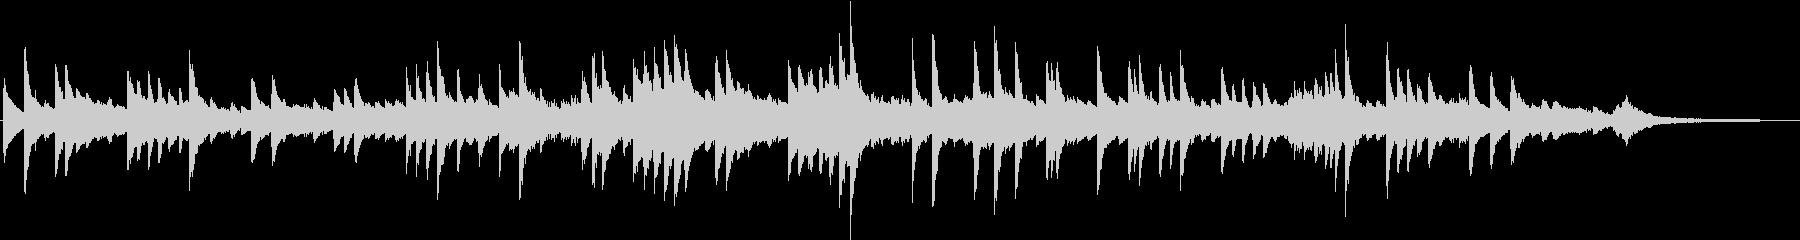 メロディアスな熱いヒューマンピアノBGMの未再生の波形